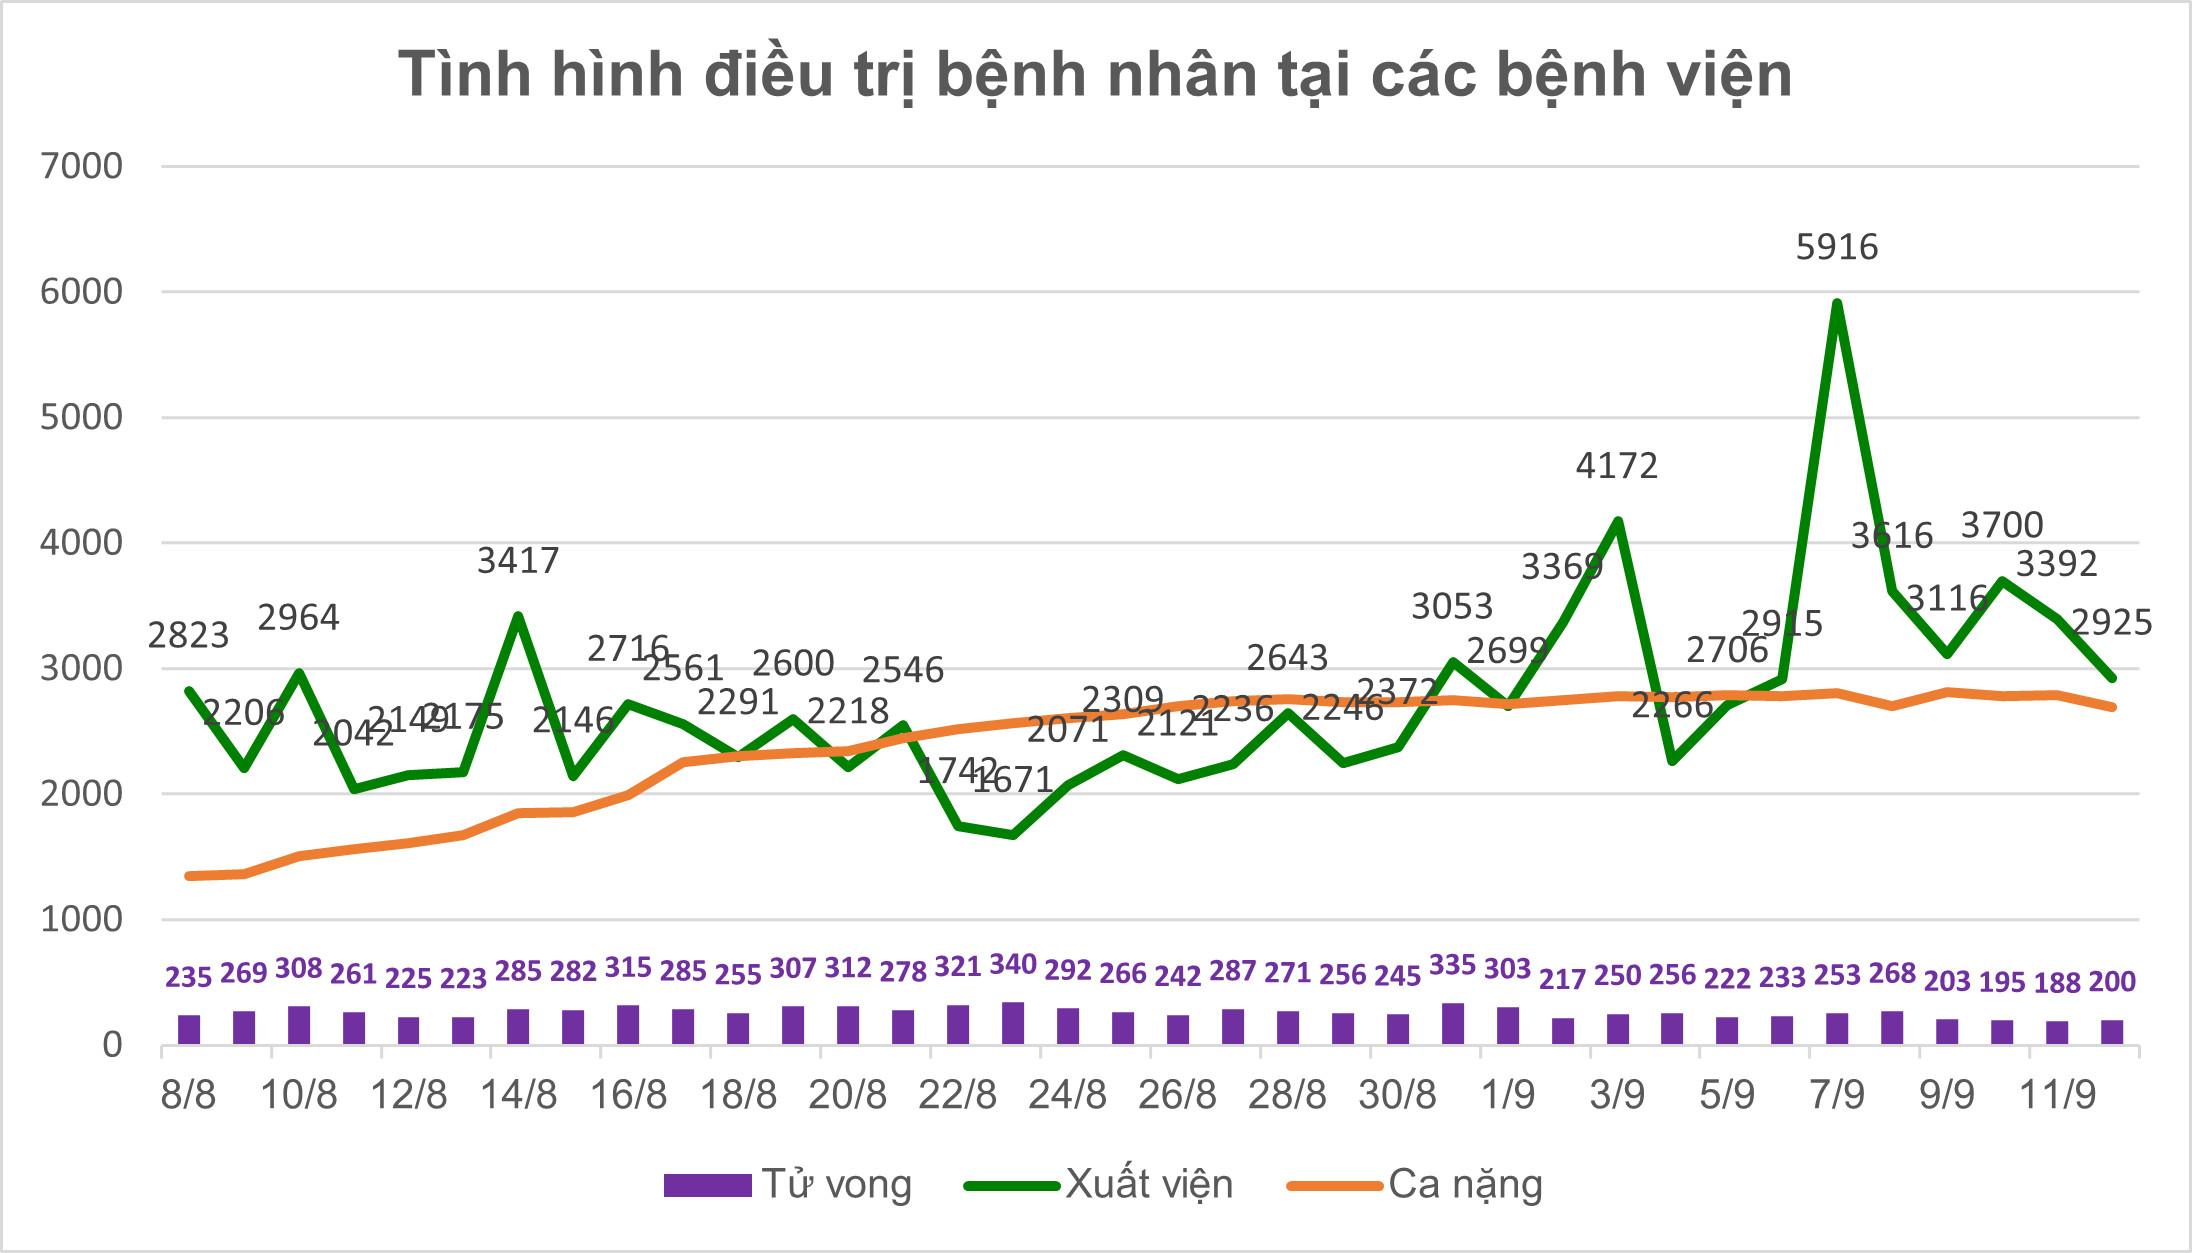 Số ca tử vong do Covid-19 tại TPHCM trên đà giảm ảnh 6